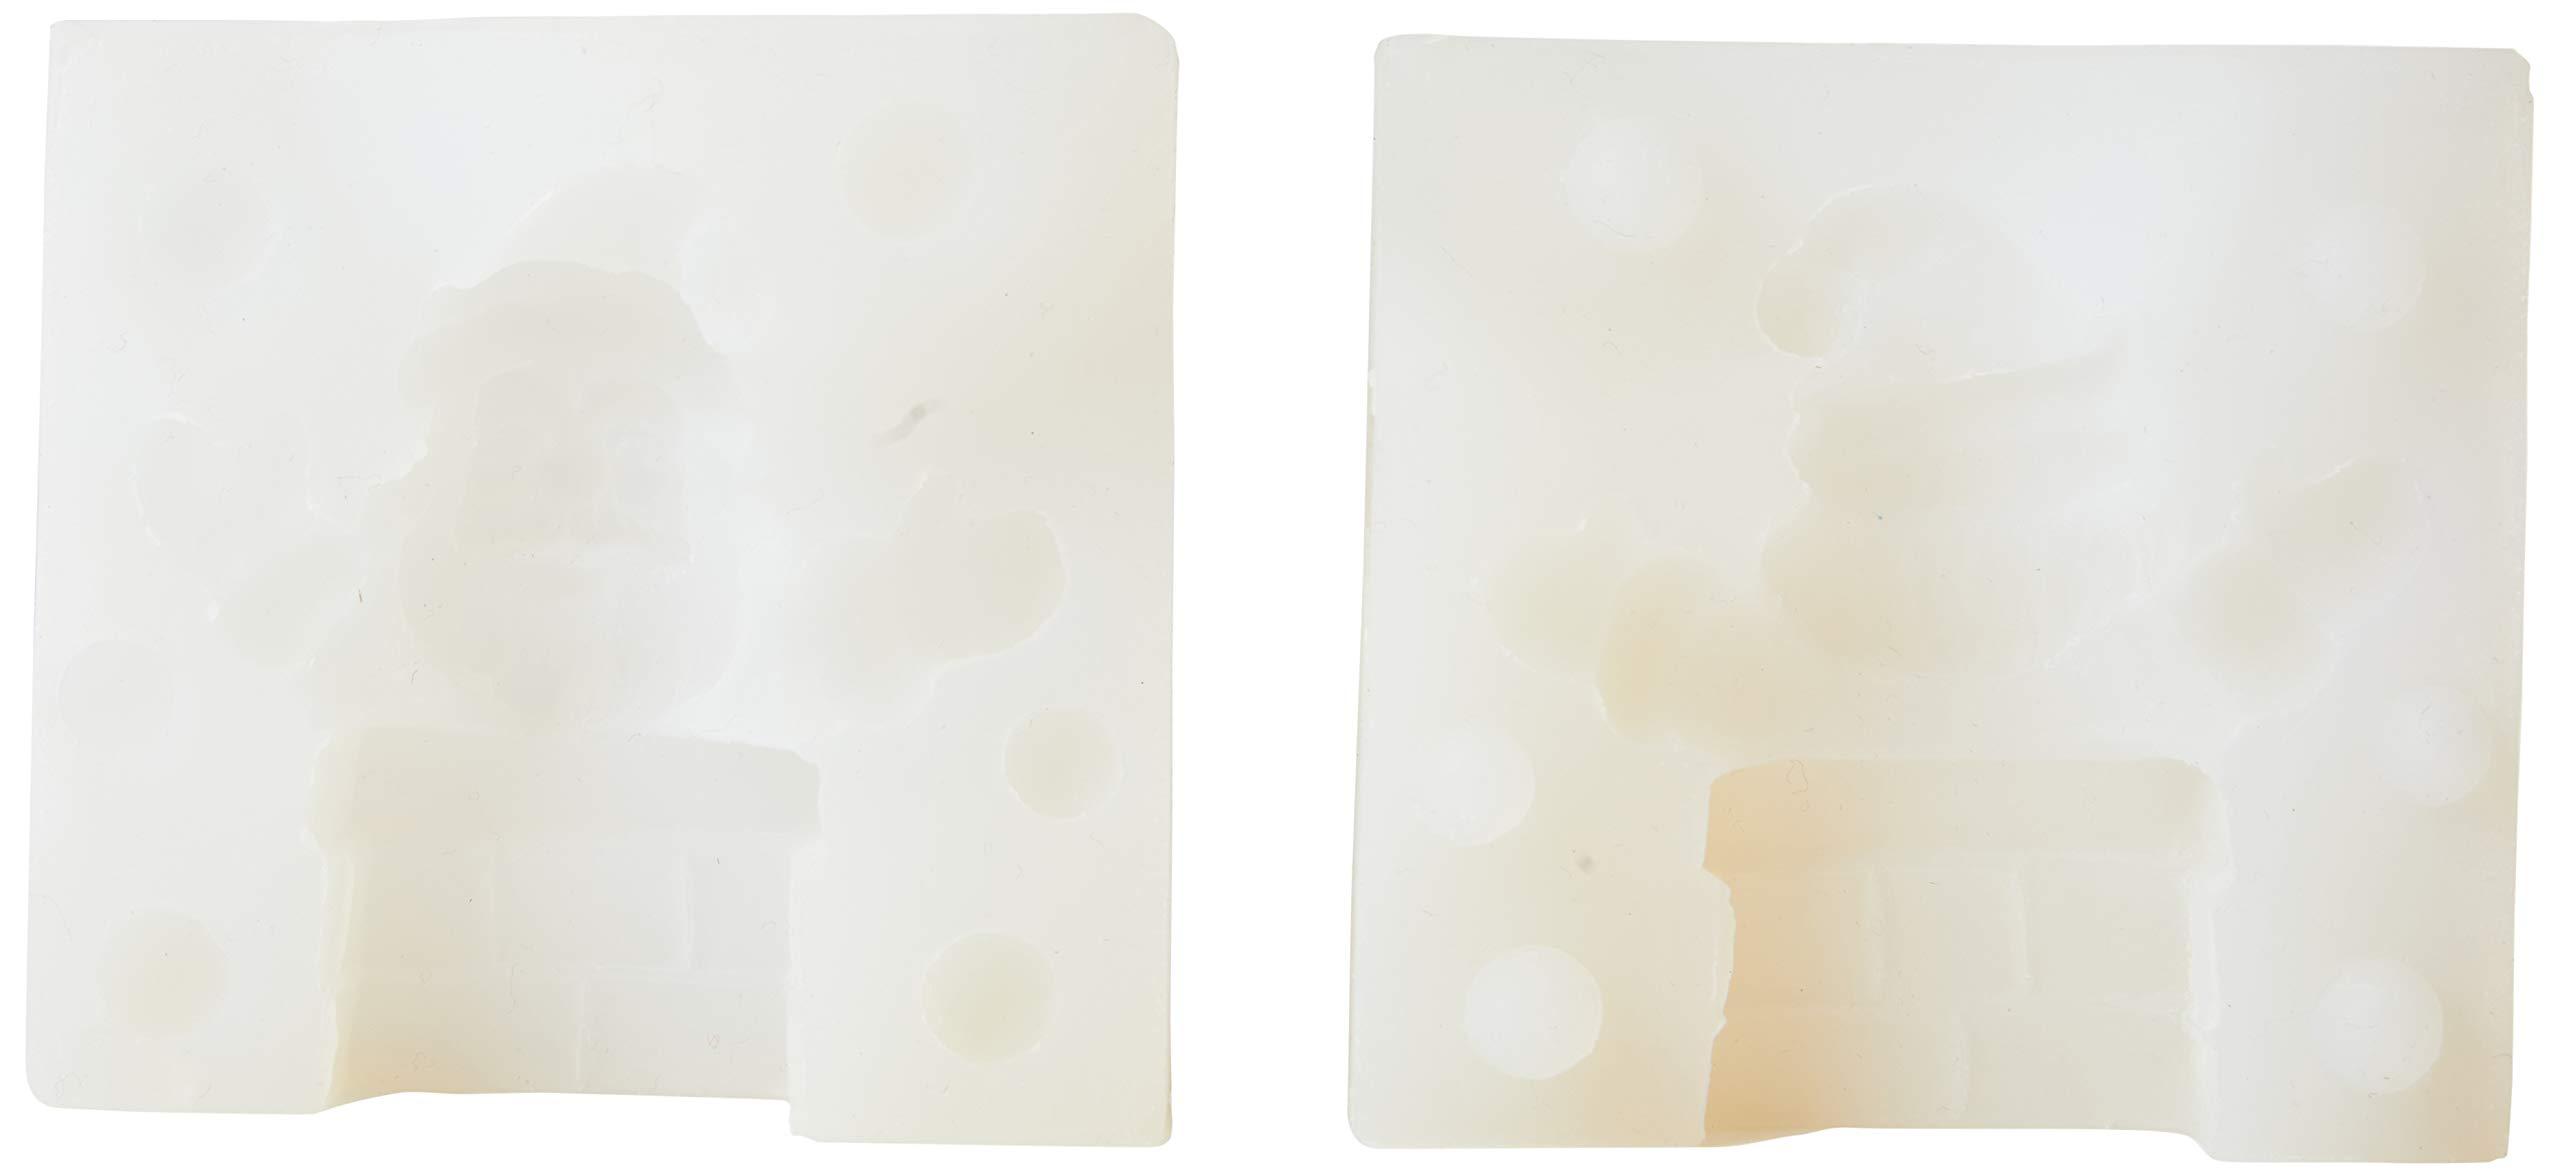 Martellato 30SM080 Silicone Mini Santa with Chimney Figure Mould, 60 x 32 x 70 mm, White